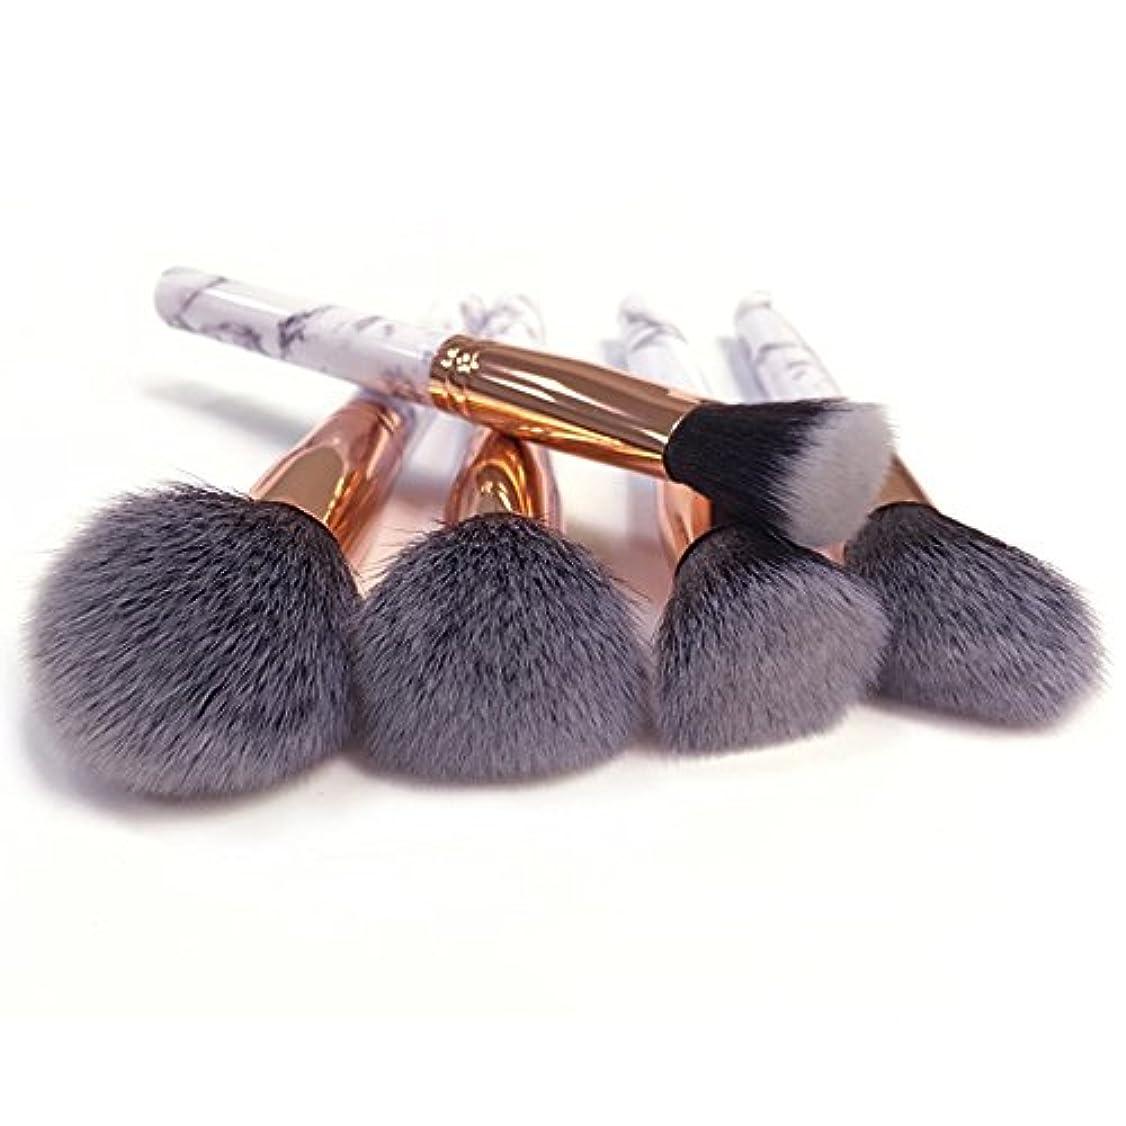 講堂保証にやにやAkane 10本 大理石紋 超気質的 セート 多機能 柔らかい たっぷり 高級 優雅 綺麗 魅力 上等な使用感 激安 日常 仕事 おしゃれ Makeup Brush メイクアップブラシ